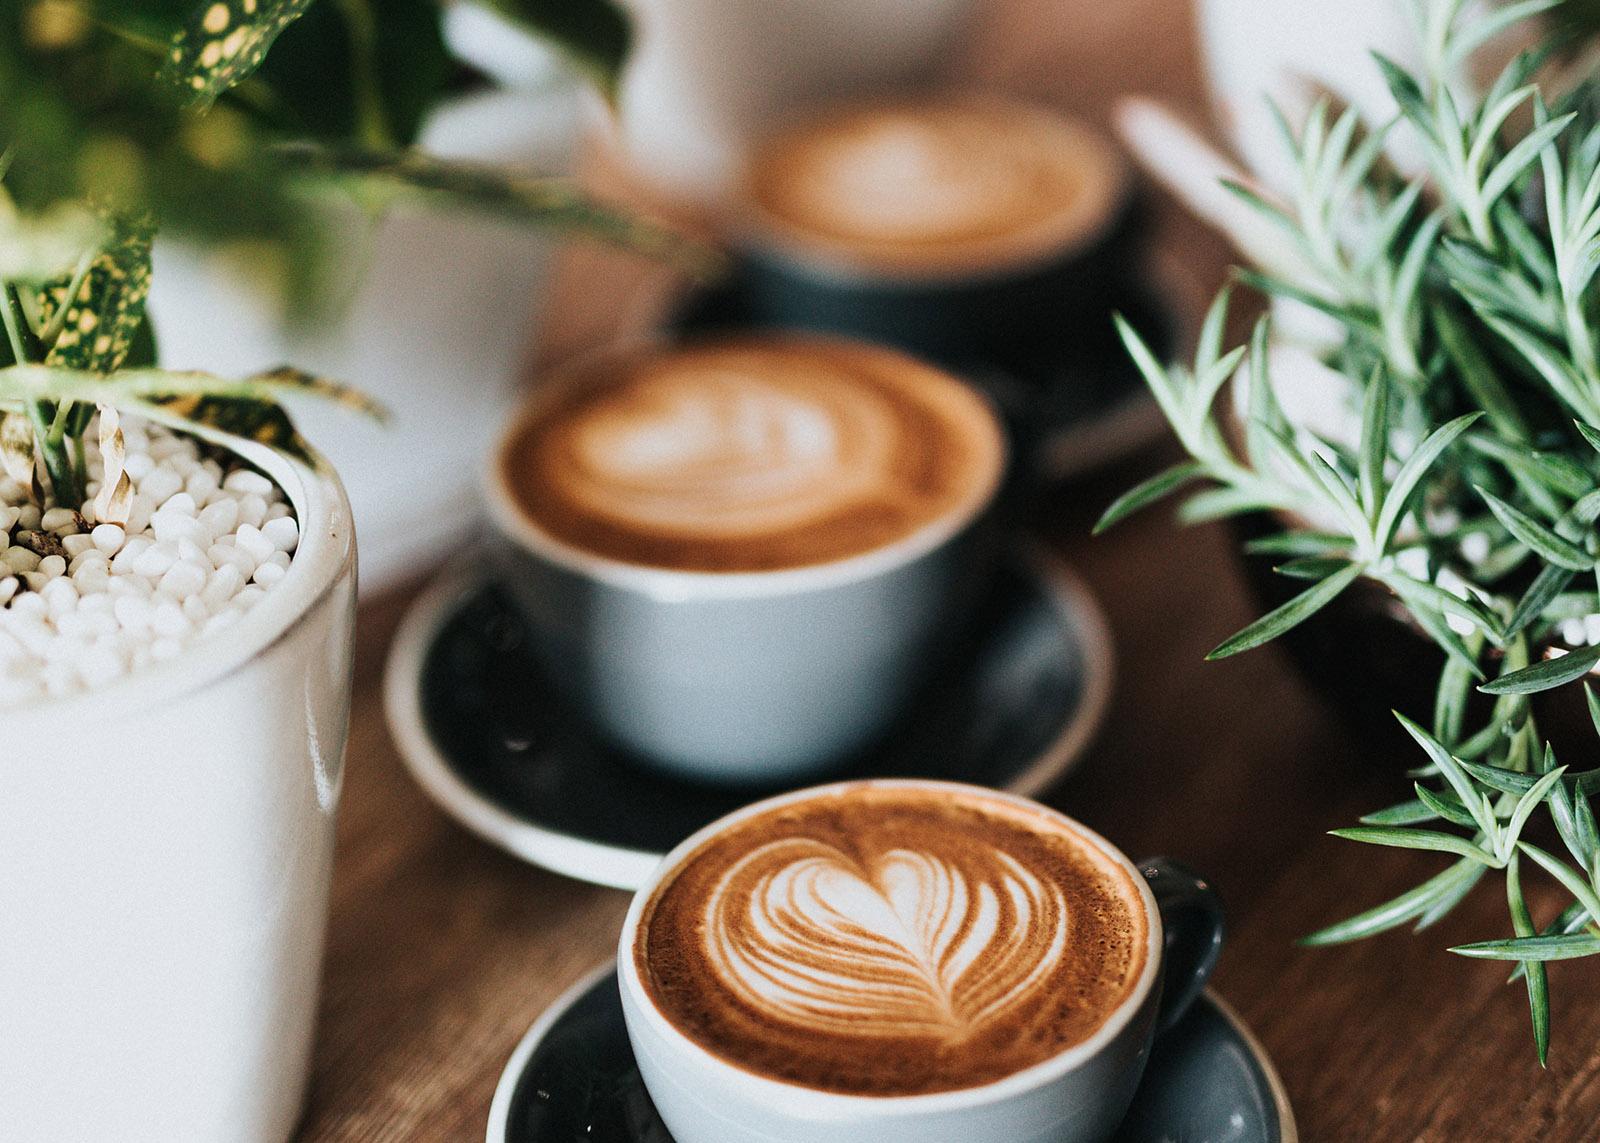 Kaffeetassen in Working Café mit Pflanzen